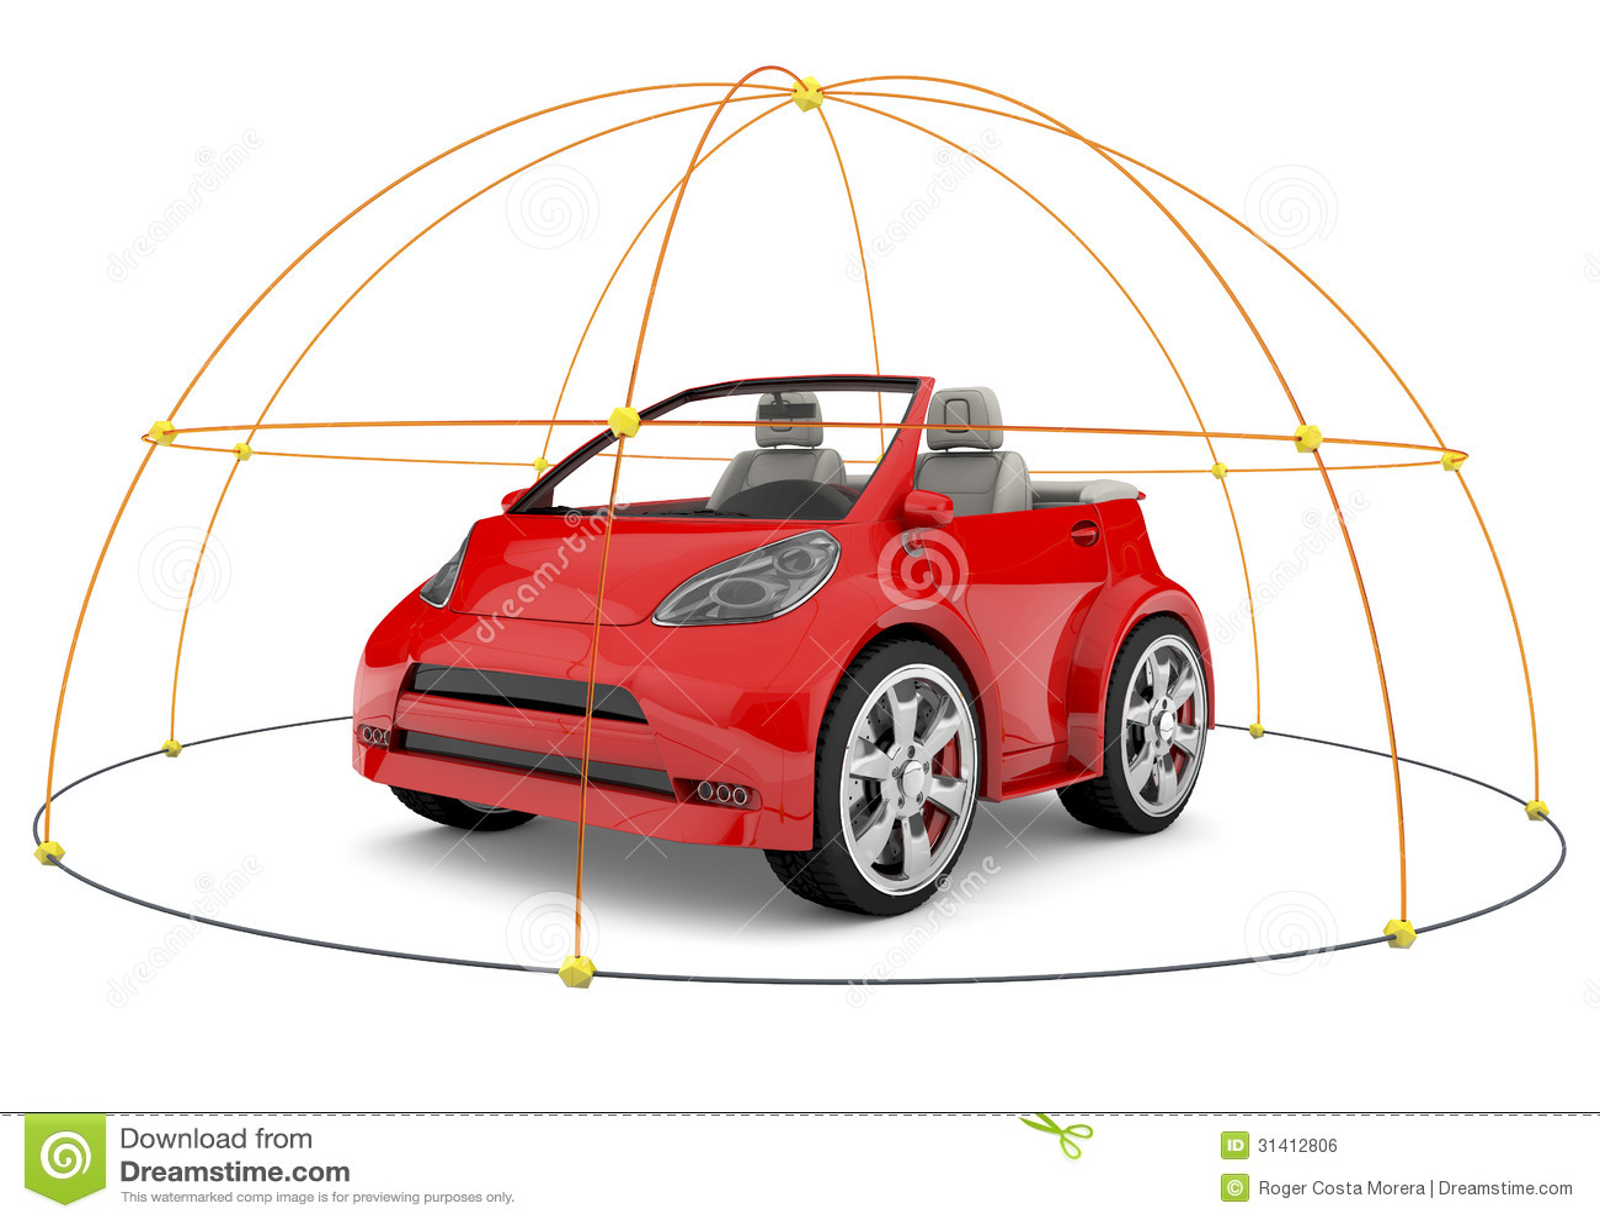 汽车保险 我的车不小心撞了别人的车 报保险是报第三者险还是交强险